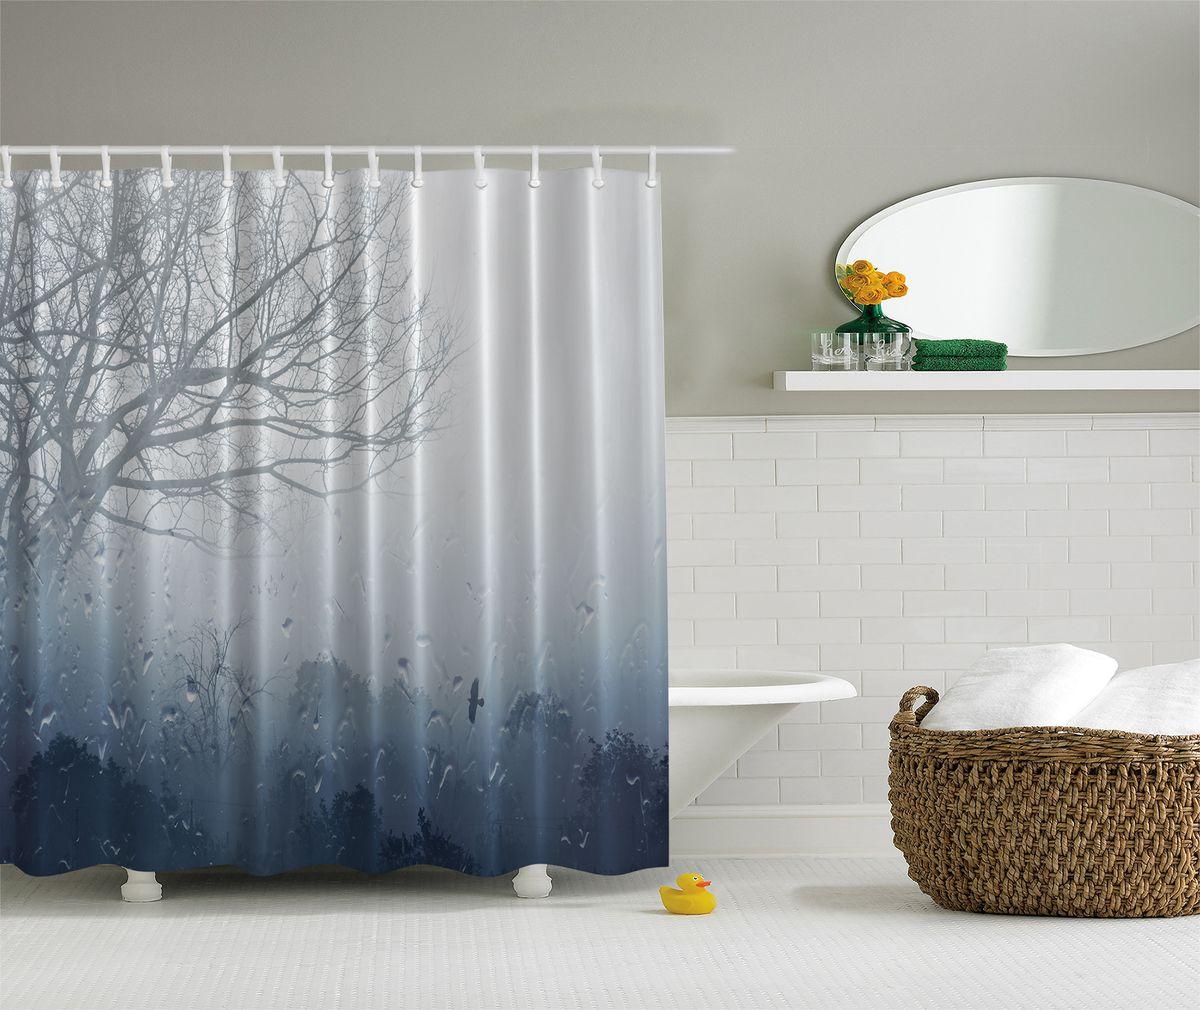 Штора для ванной комнаты Magic Lady Дождливый вечер и туман, 180 х 200 смшв_15007Штора Magic Lady Дождливый вечер и туман, изготовленная из высококачественного сатена (полиэстер 100%), отлично дополнит любой интерьер ванной комнаты. При изготовлении используются специальные гипоаллергенные чернила для прямой печати по ткани, безопасные для человека.В комплекте: 1 штора, 12 крючков. Обращаем ваше внимание, фактический цвет изделия может незначительно отличаться от представленного на фото.